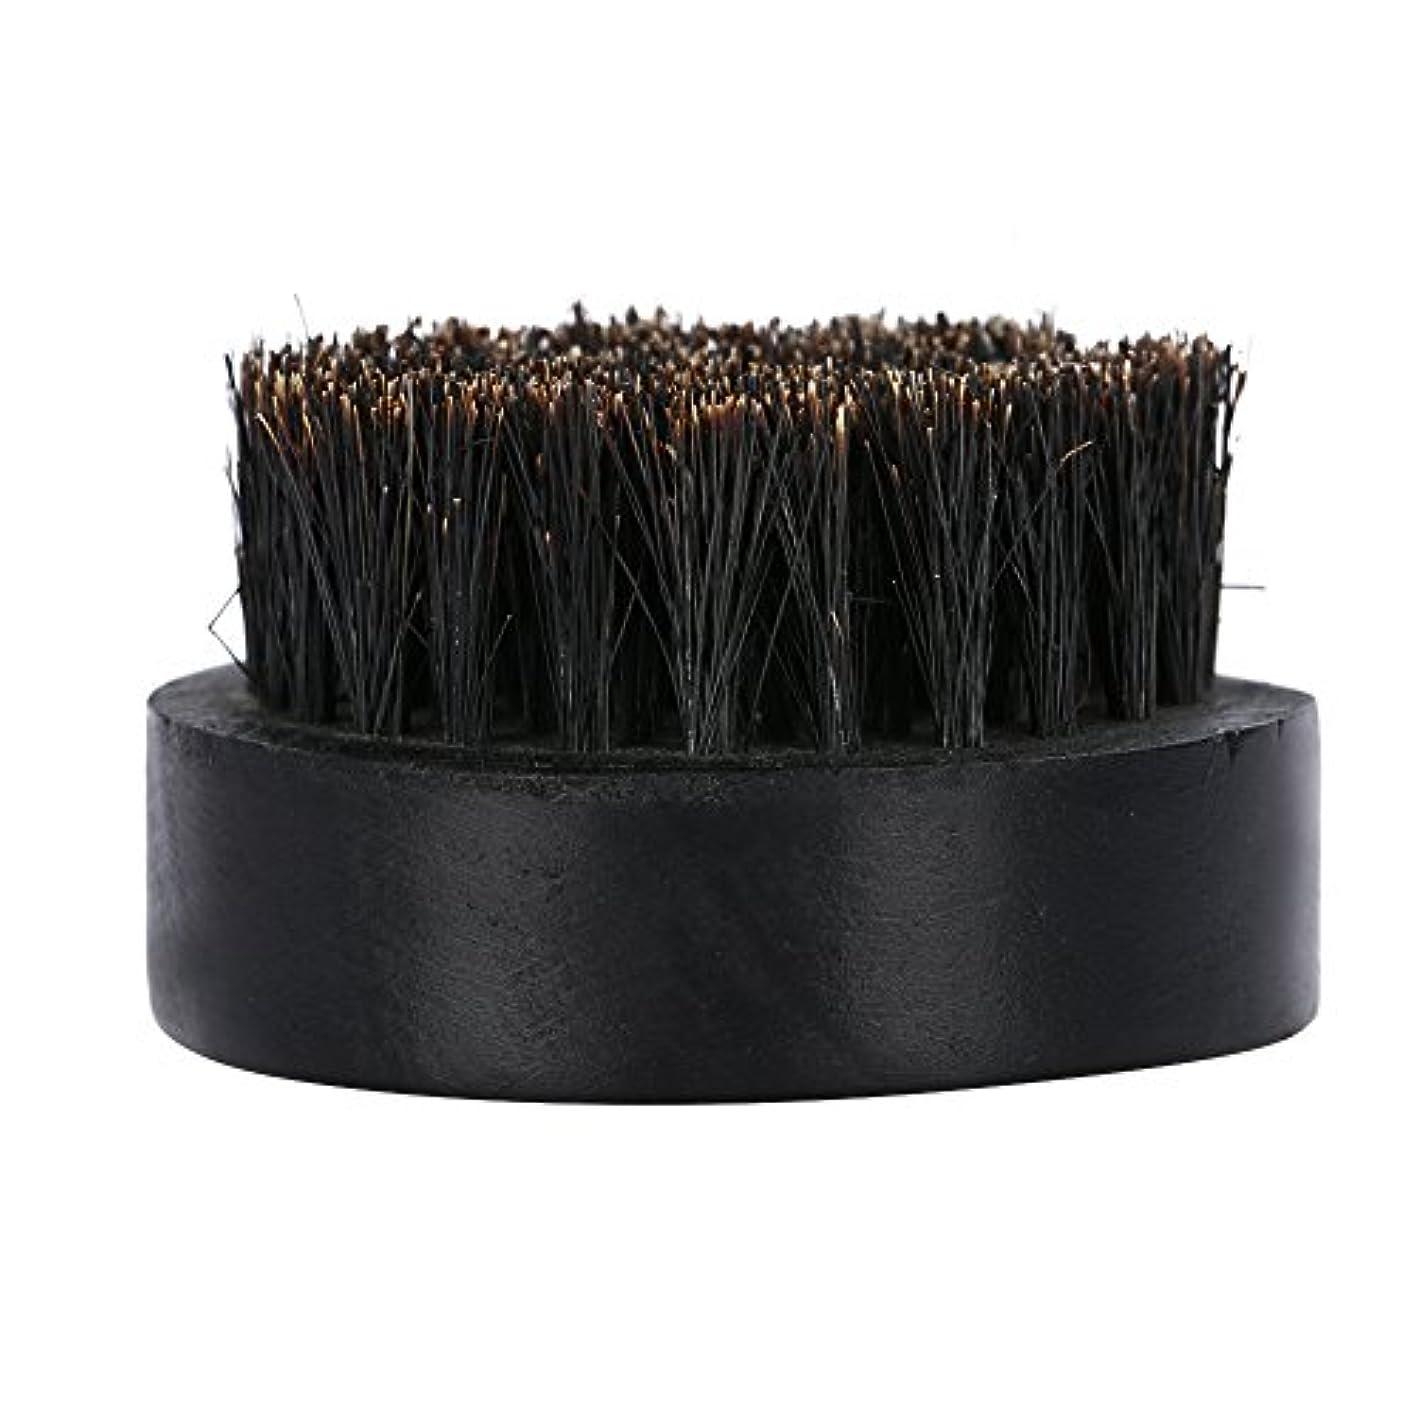 達成する工業化する寸前Qinlorgo シェービングブラシ フェイシャルケア コンディショニング ヘアブラシ スタイリンググルーミングツール ヘアブラシスタイリンググルーミングツール 髭のメンテナンスに